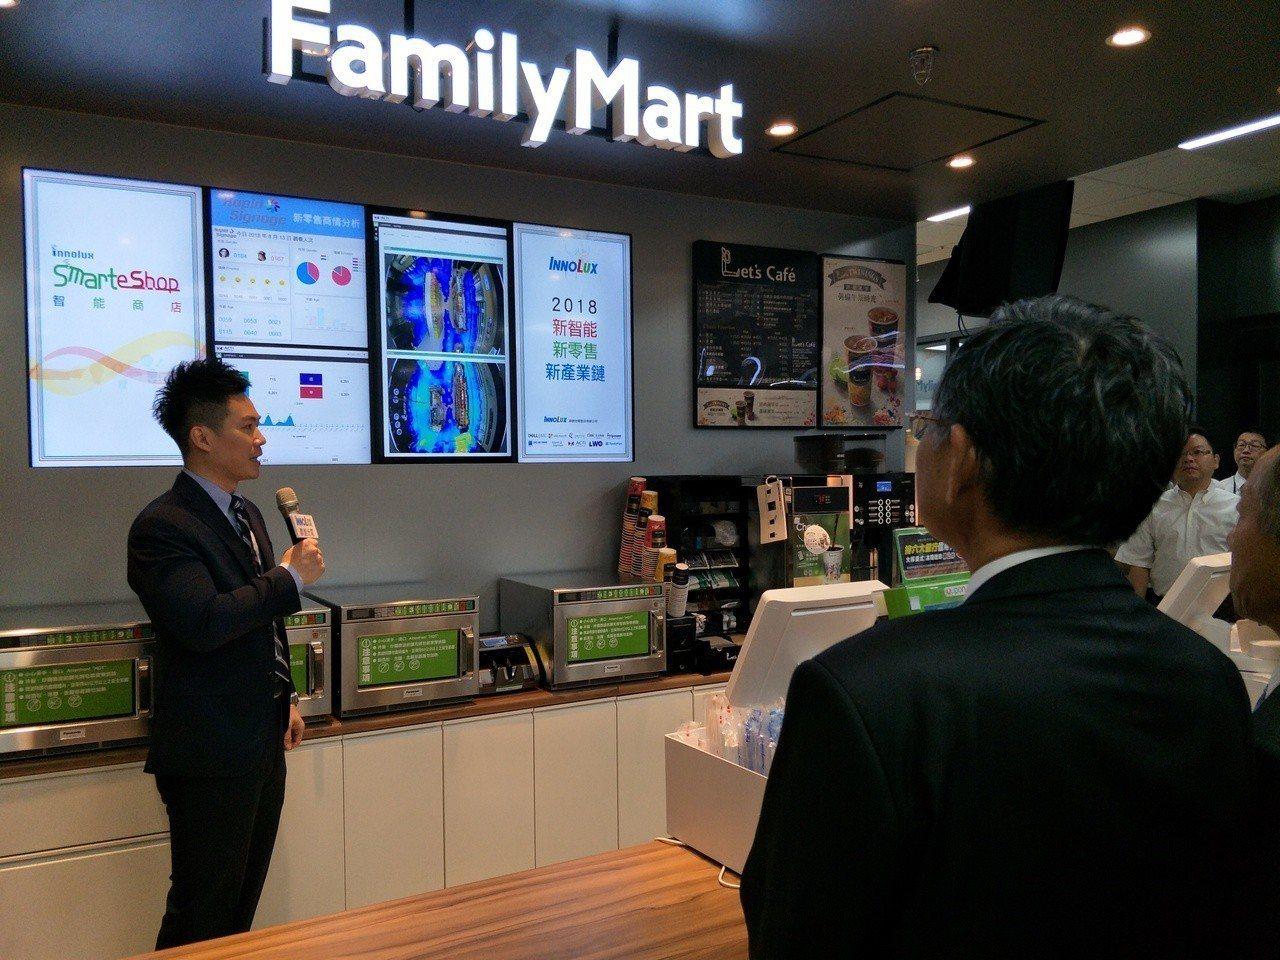 全家超商人員展現店內相關商業數據參考,隨時調整營業策略。記者謝進盛/攝影